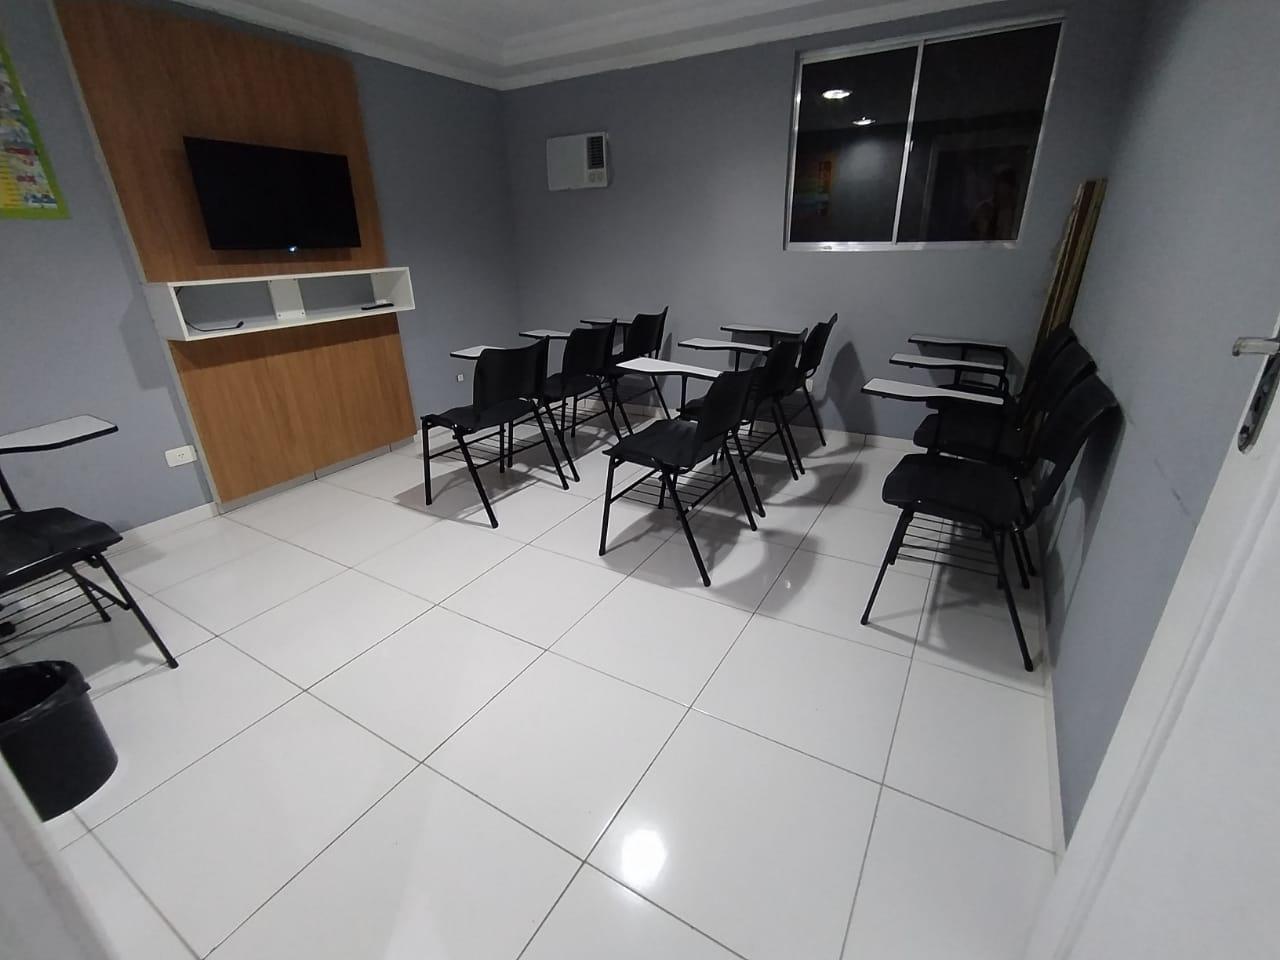 sala multimidia